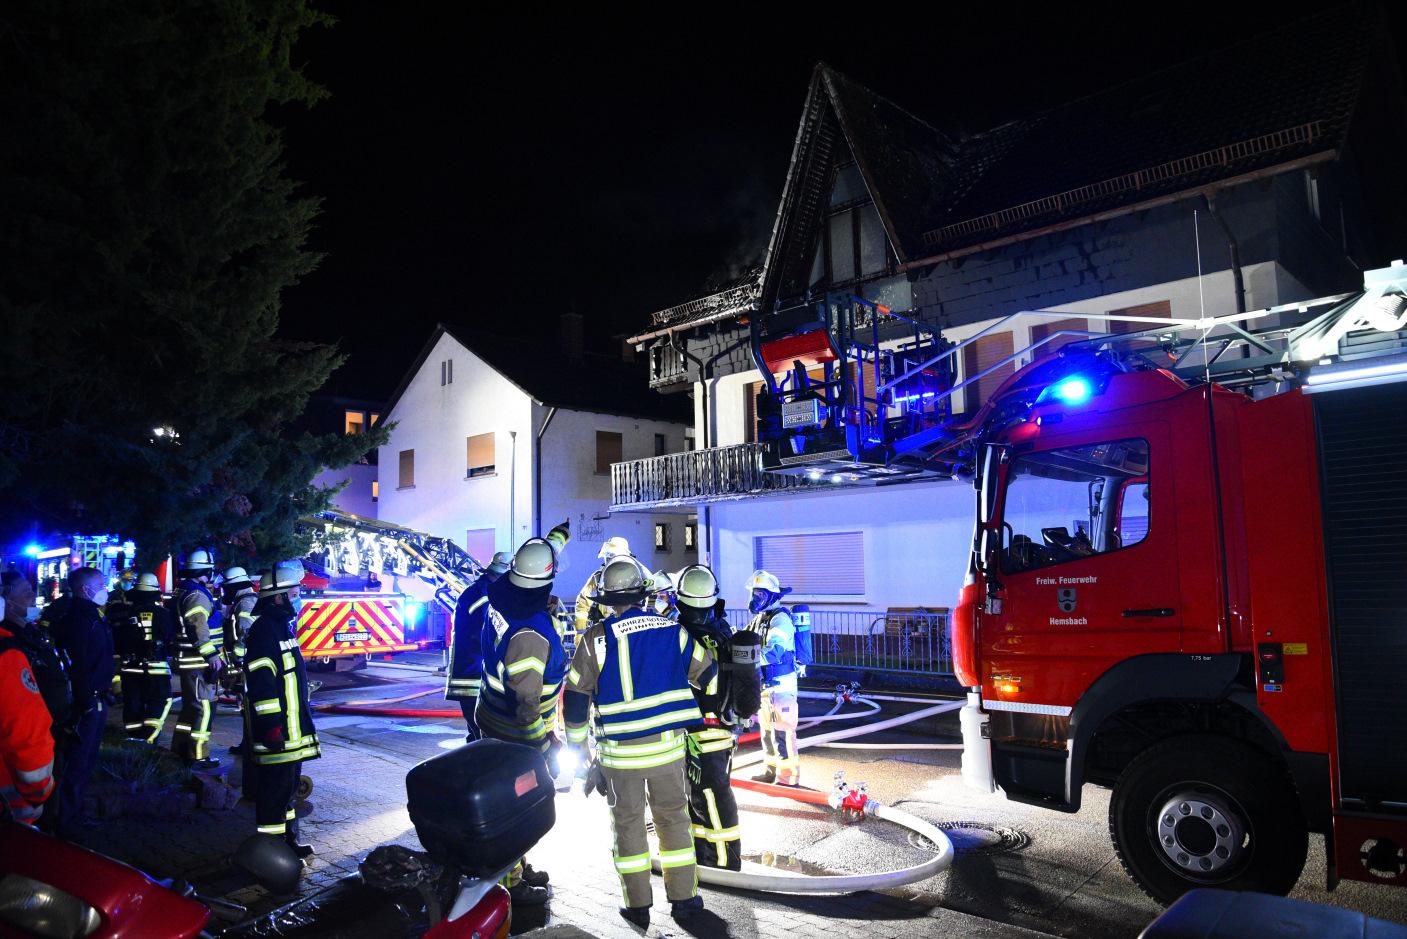 Weinheim/Rhein-Neckar-Kreis: Dachstuhlbrand verursacht Sachschaden von ca. 200 000,- Euro